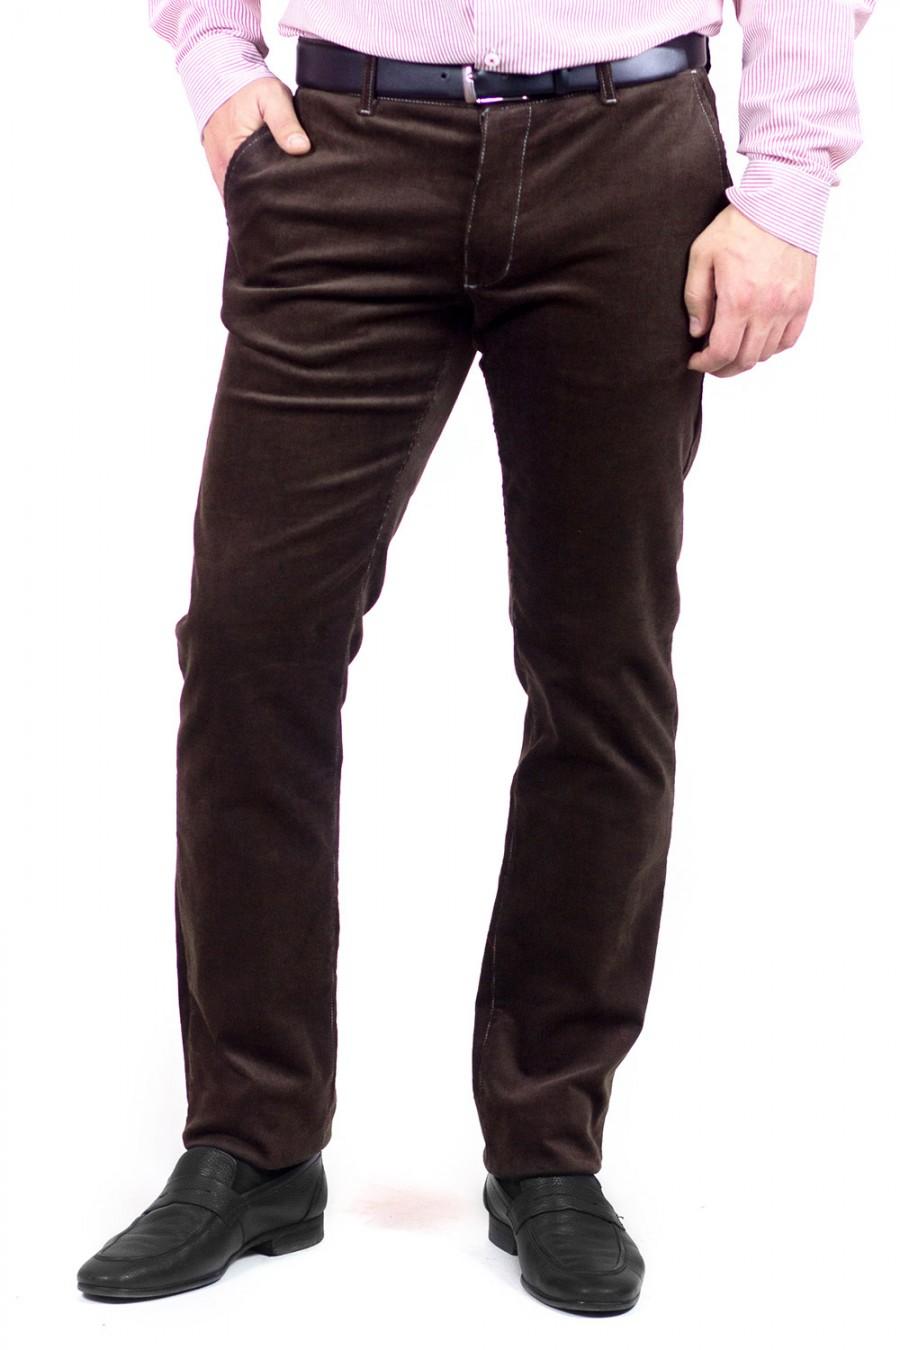 Вельветові штани чоловічі купити українського виробника Maksymiv.com.ua a9917d0b5b5db